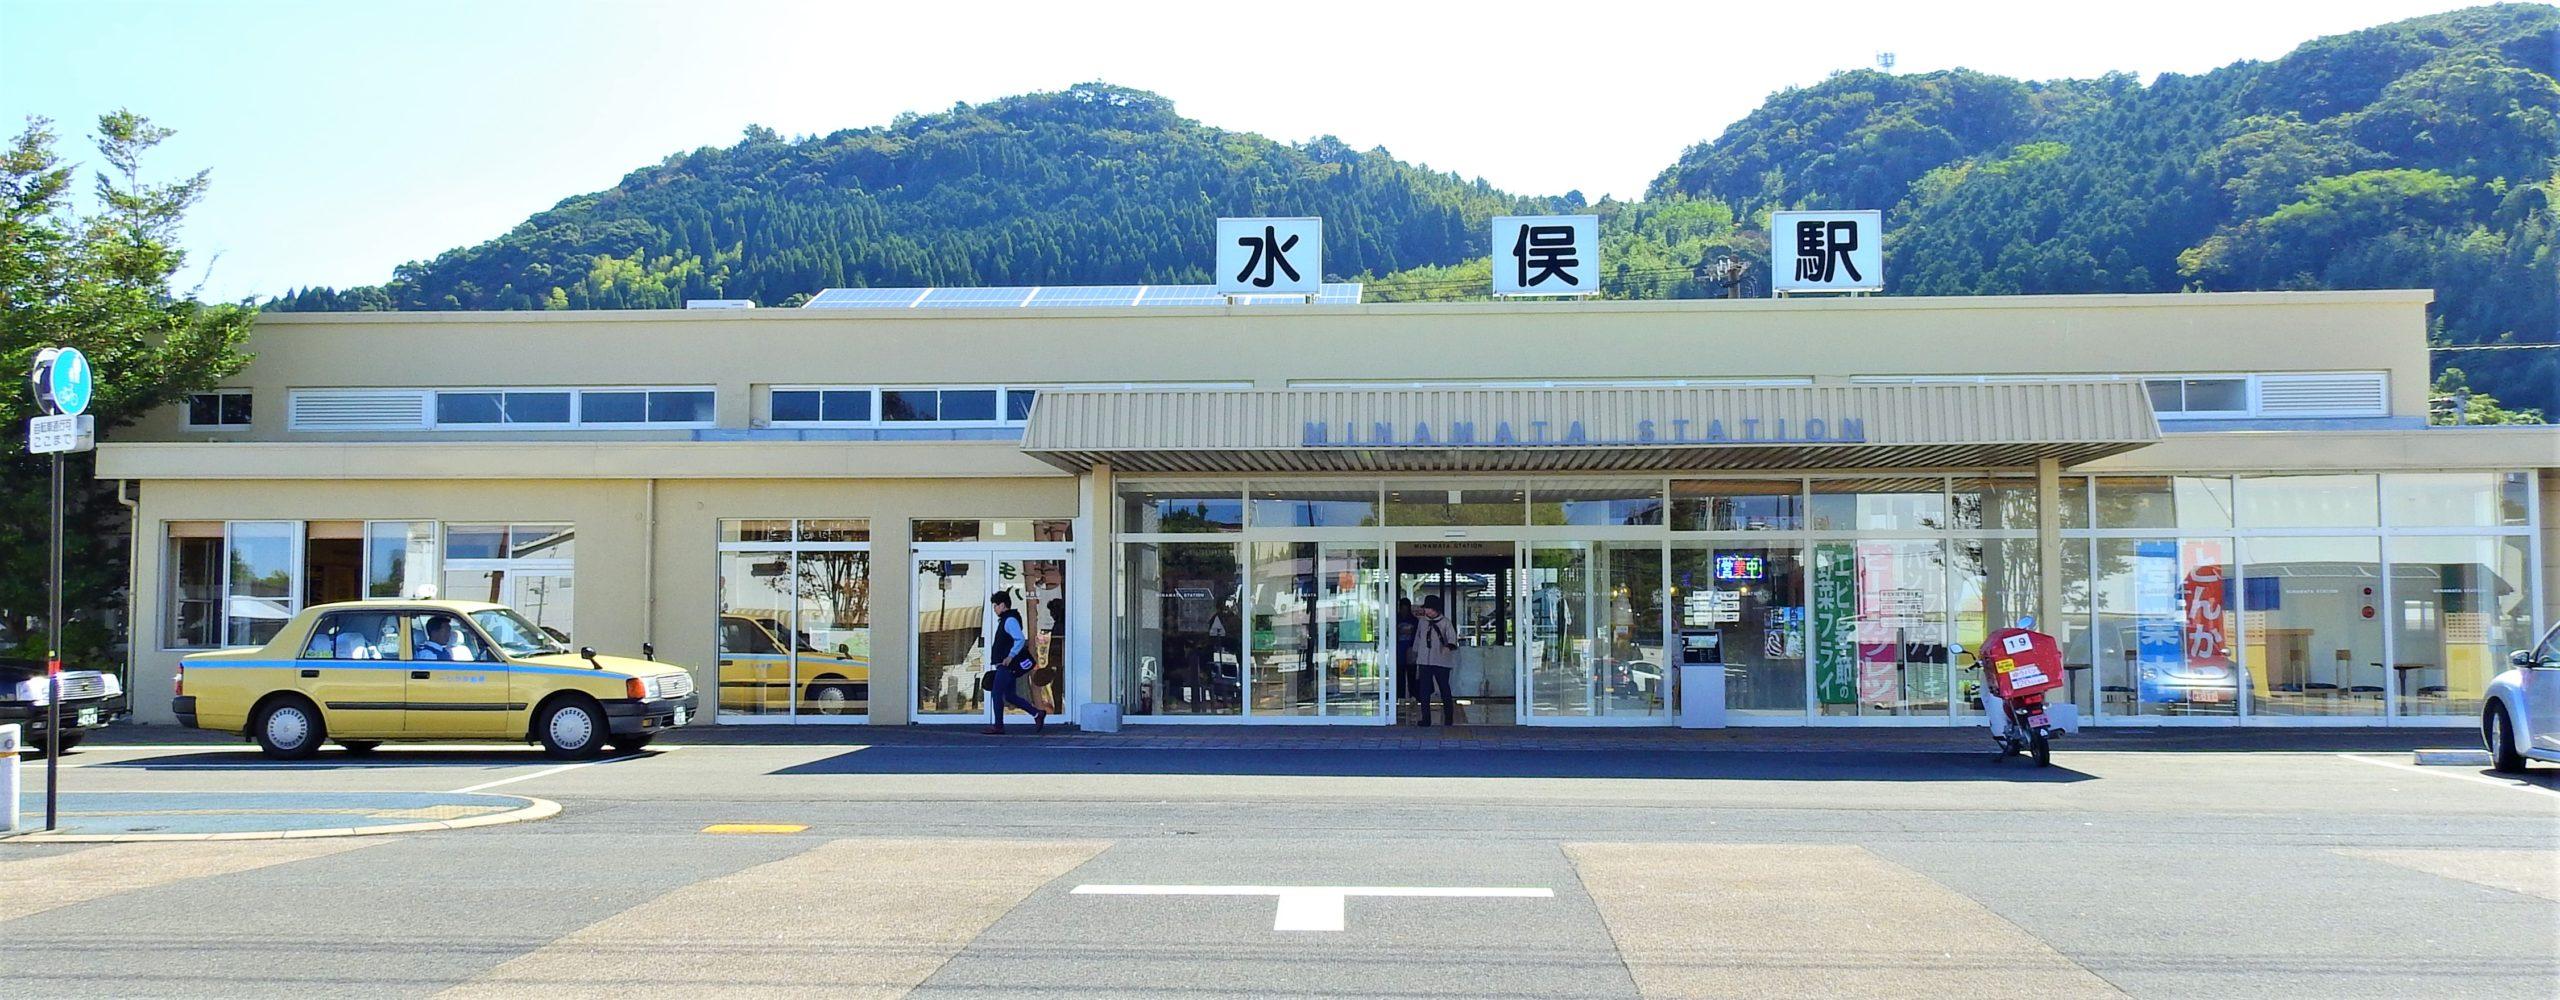 熊本県 水俣駅